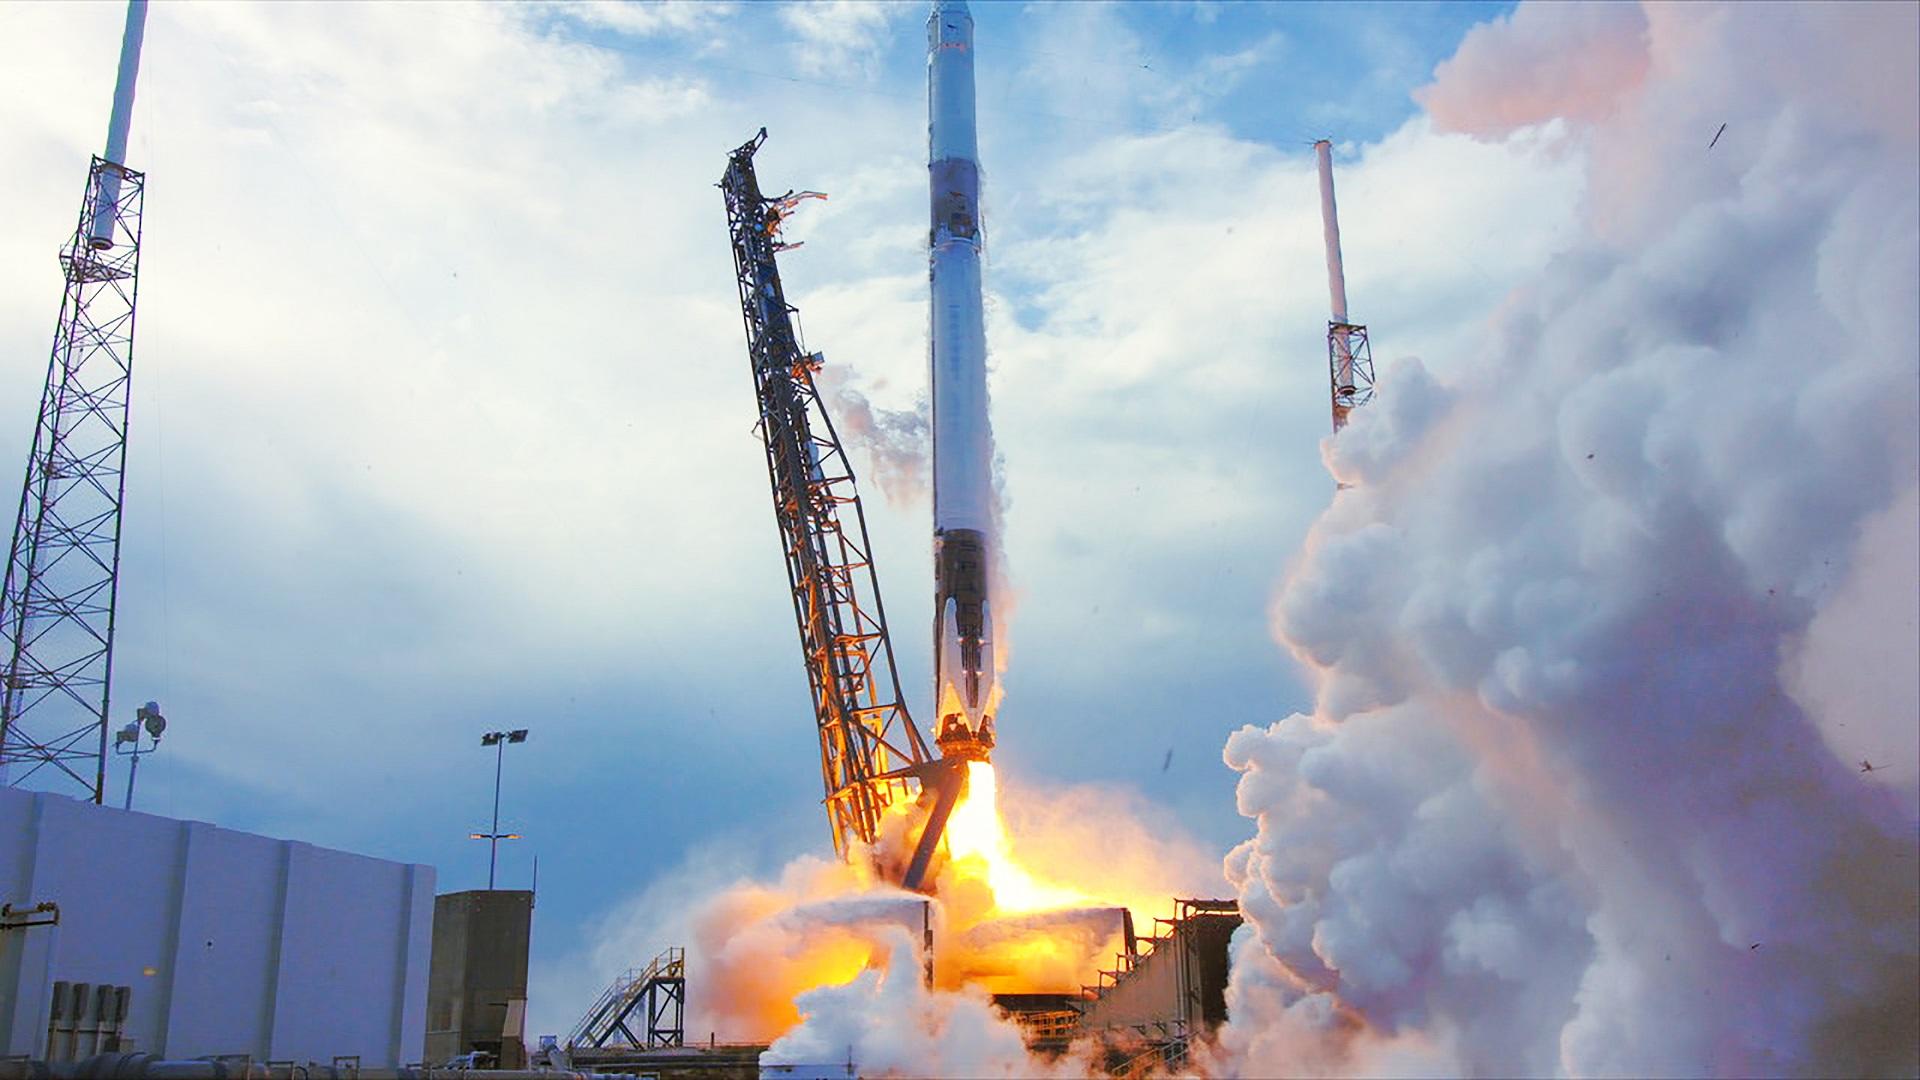 La NASA cree que SpaceX podrá llevar astronautas al espacio en 2019